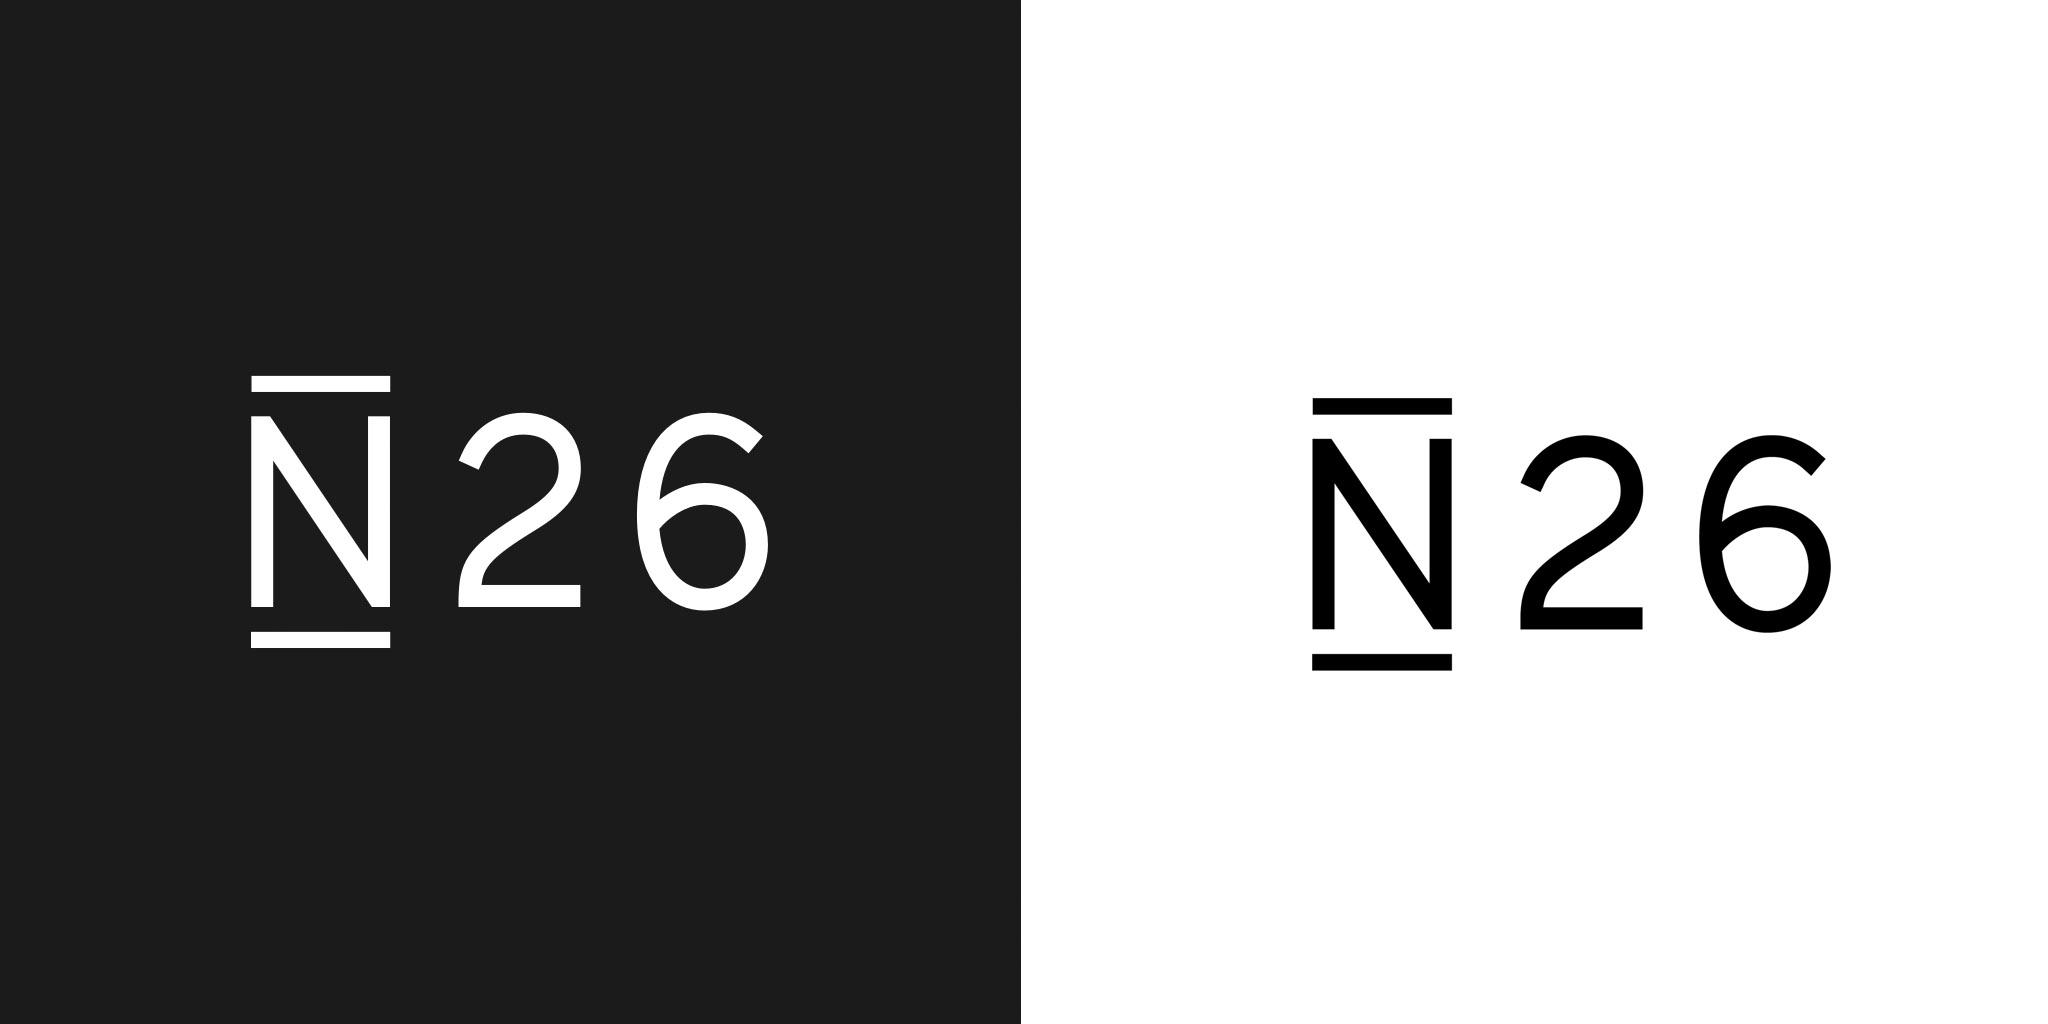 La néobanque N26